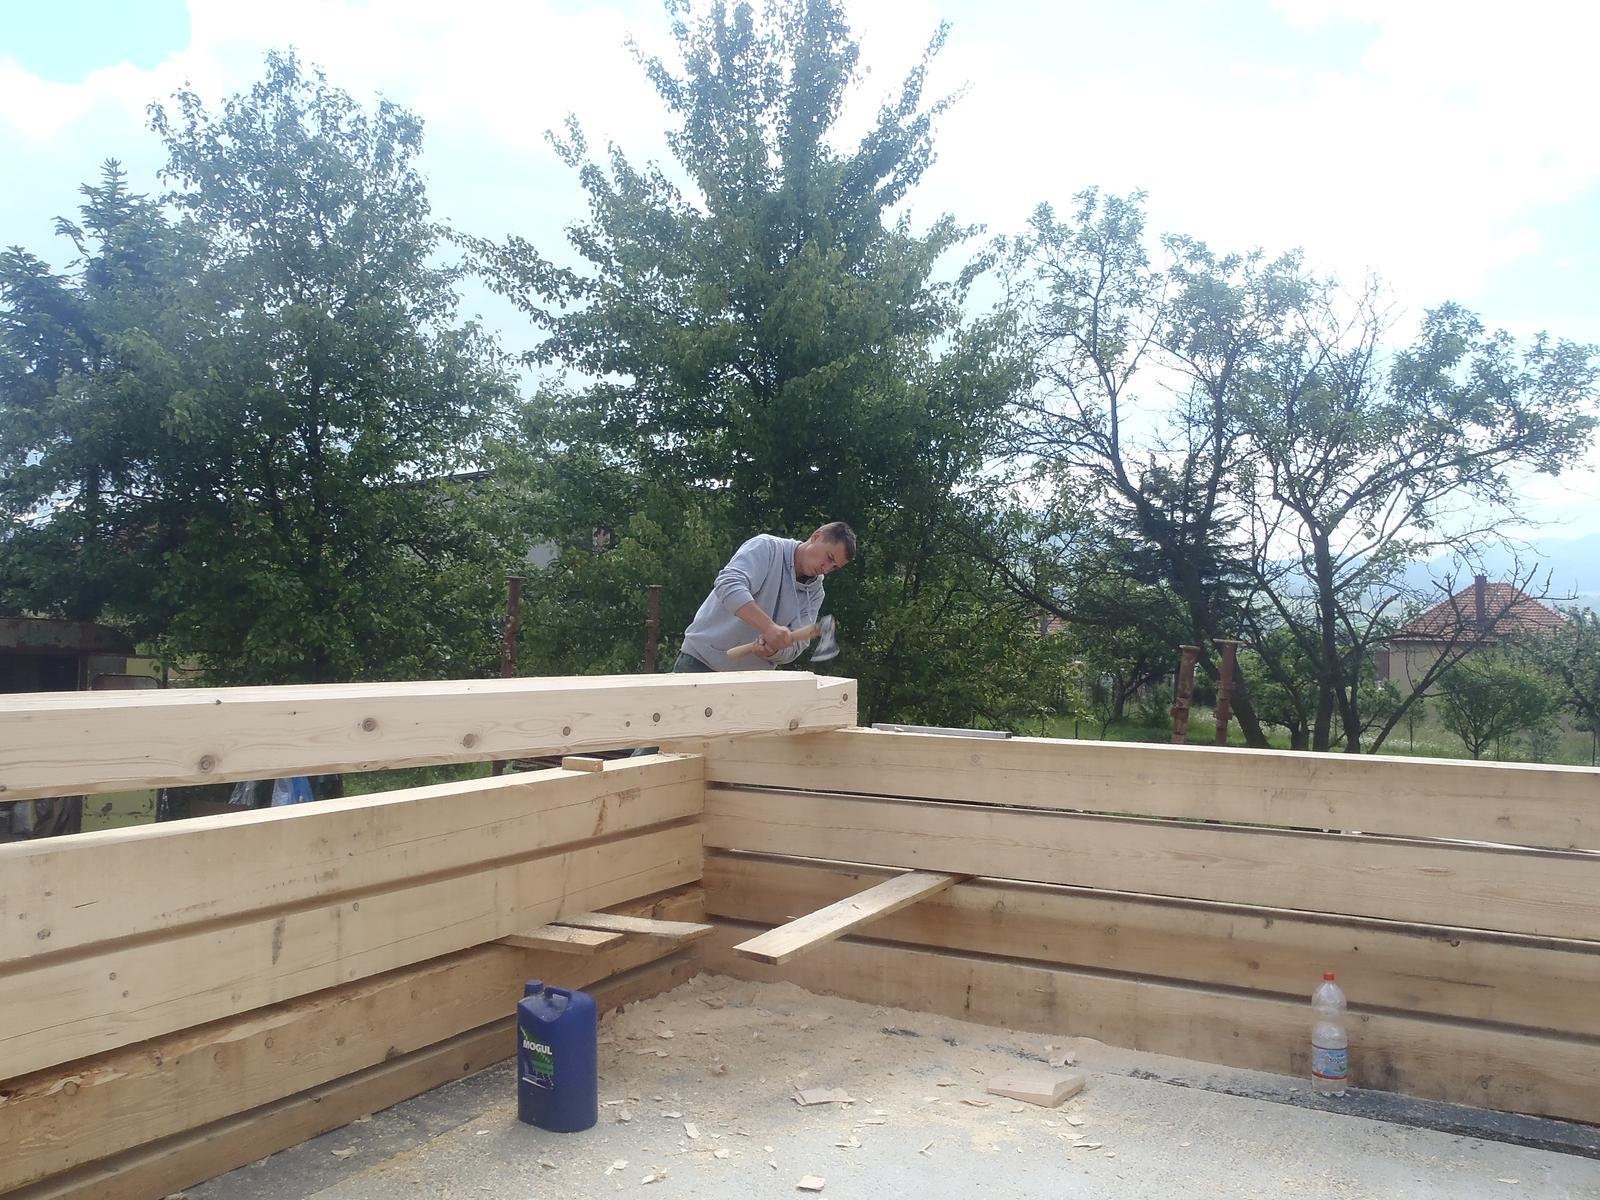 Náš veľký sen o drevenom domčeku! - Obrázok č. 62